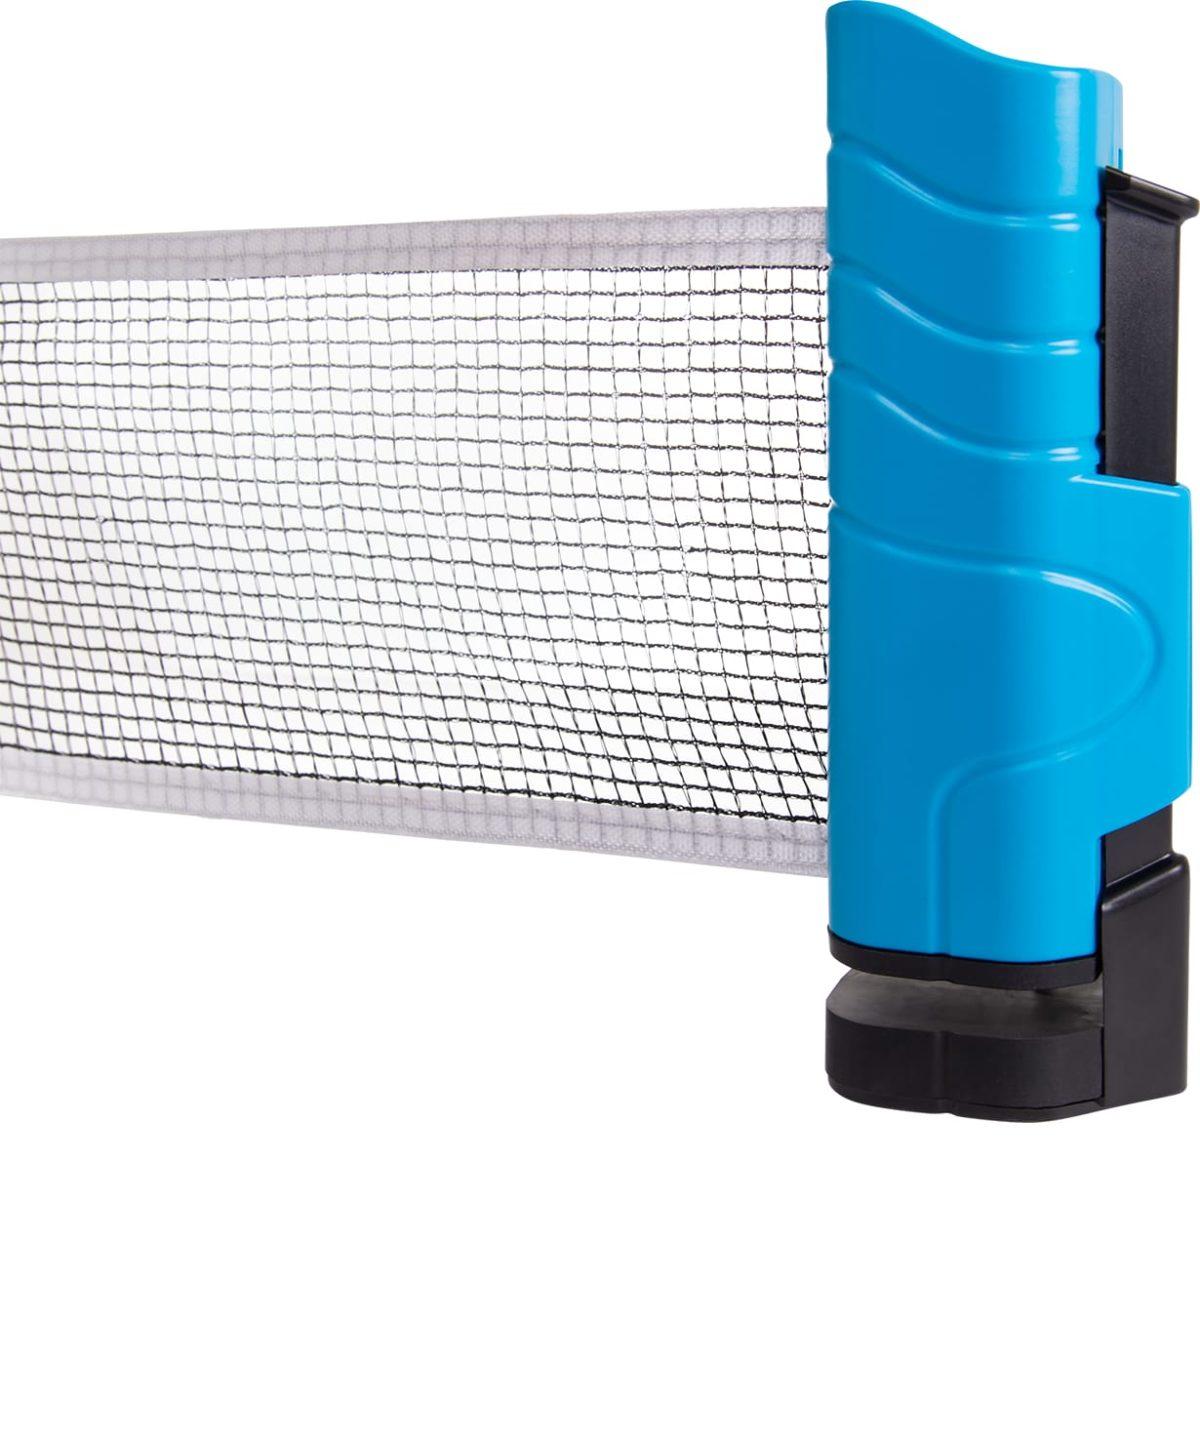 ROXEL Stretch-Net Сетка для настольного тенниса, раздвижная  15739 - 1